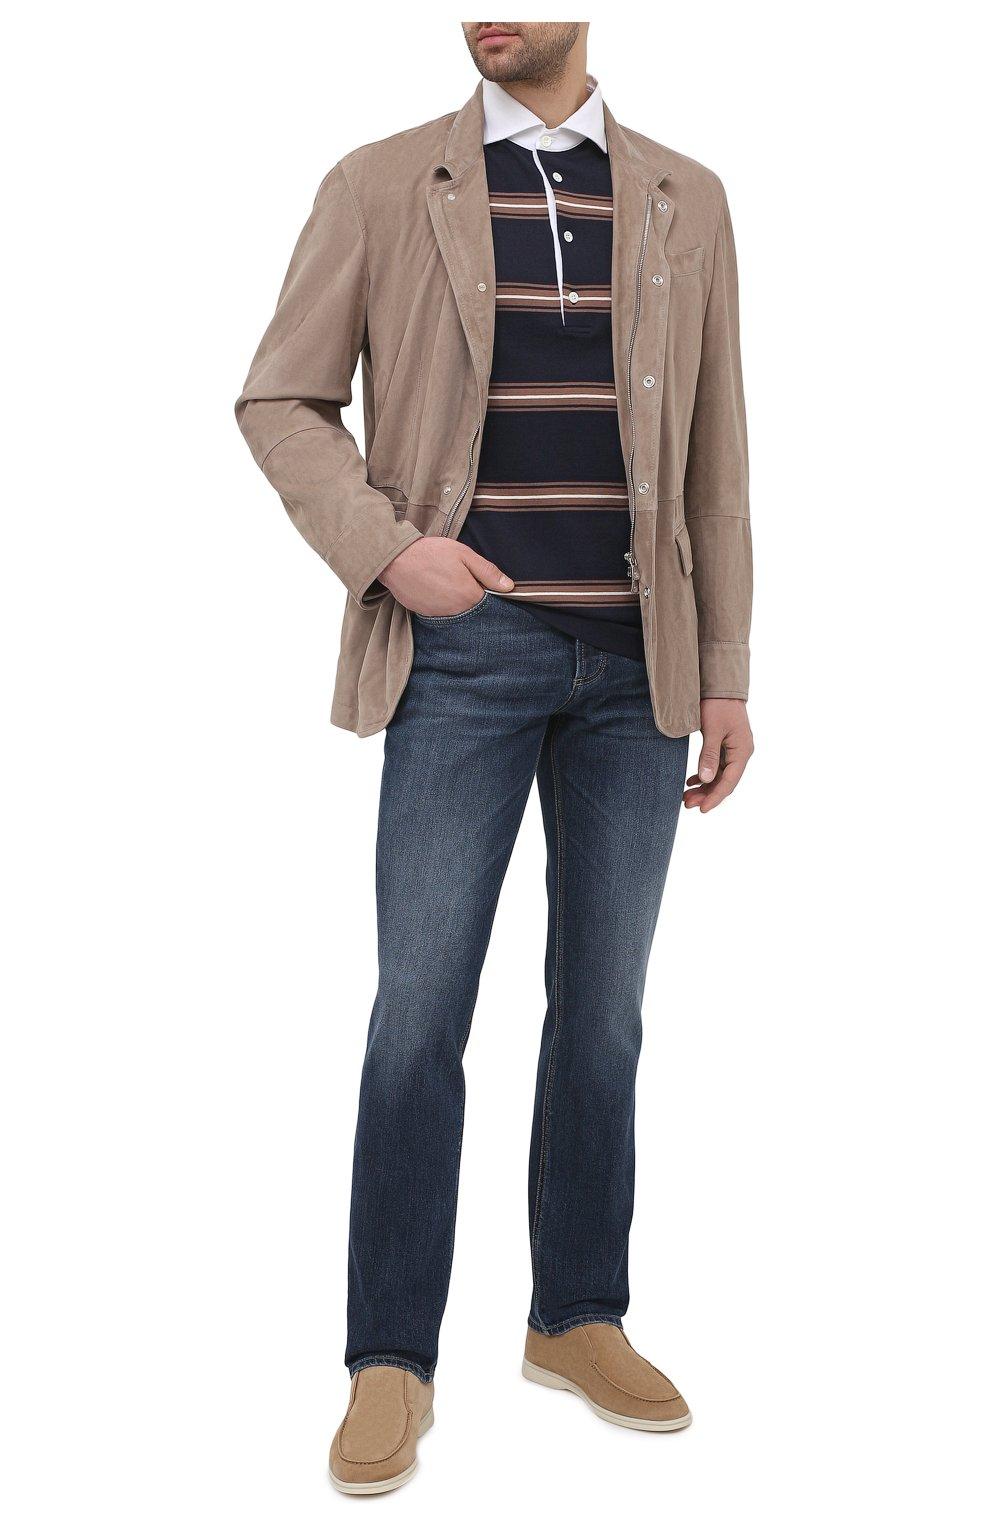 Мужская замшевая куртка BRUNELLO CUCINELLI бежевого цвета, арт. MPCLN1636 | Фото 2 (Кросс-КТ: Куртка; Материал внешний: Замша, Кожа; Рукава: Длинные; Длина (верхняя одежда): До середины бедра; Мужское Кросс-КТ: Кожа и замша; Материал подклада: Купро; Стили: Кэжуэл)